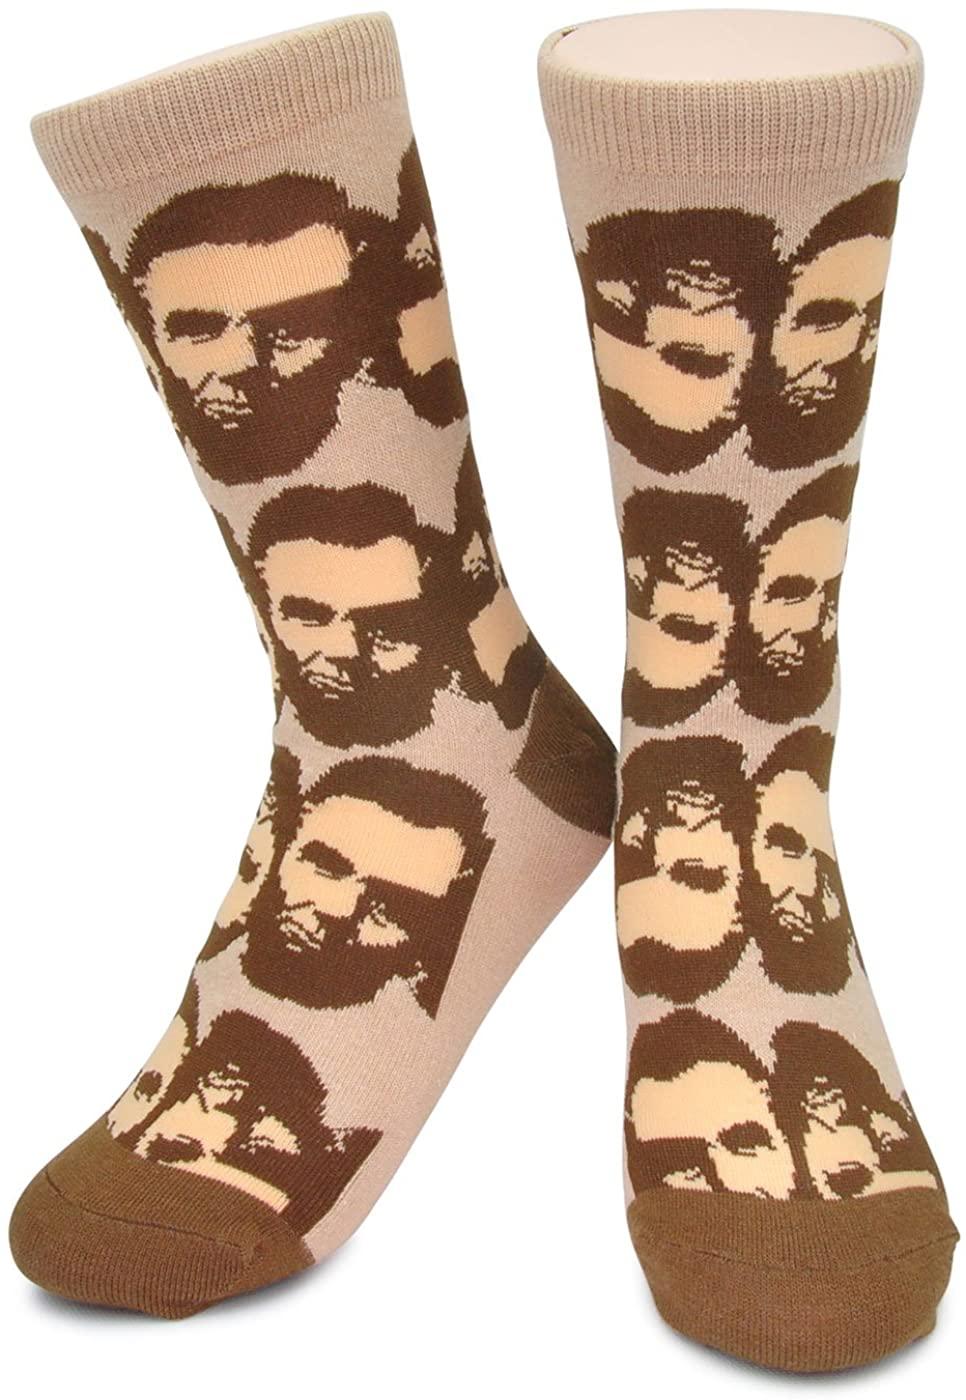 Abraham Lincoln Socks - Funky Novelty Funny Abe Presidential Socks boys kids mens